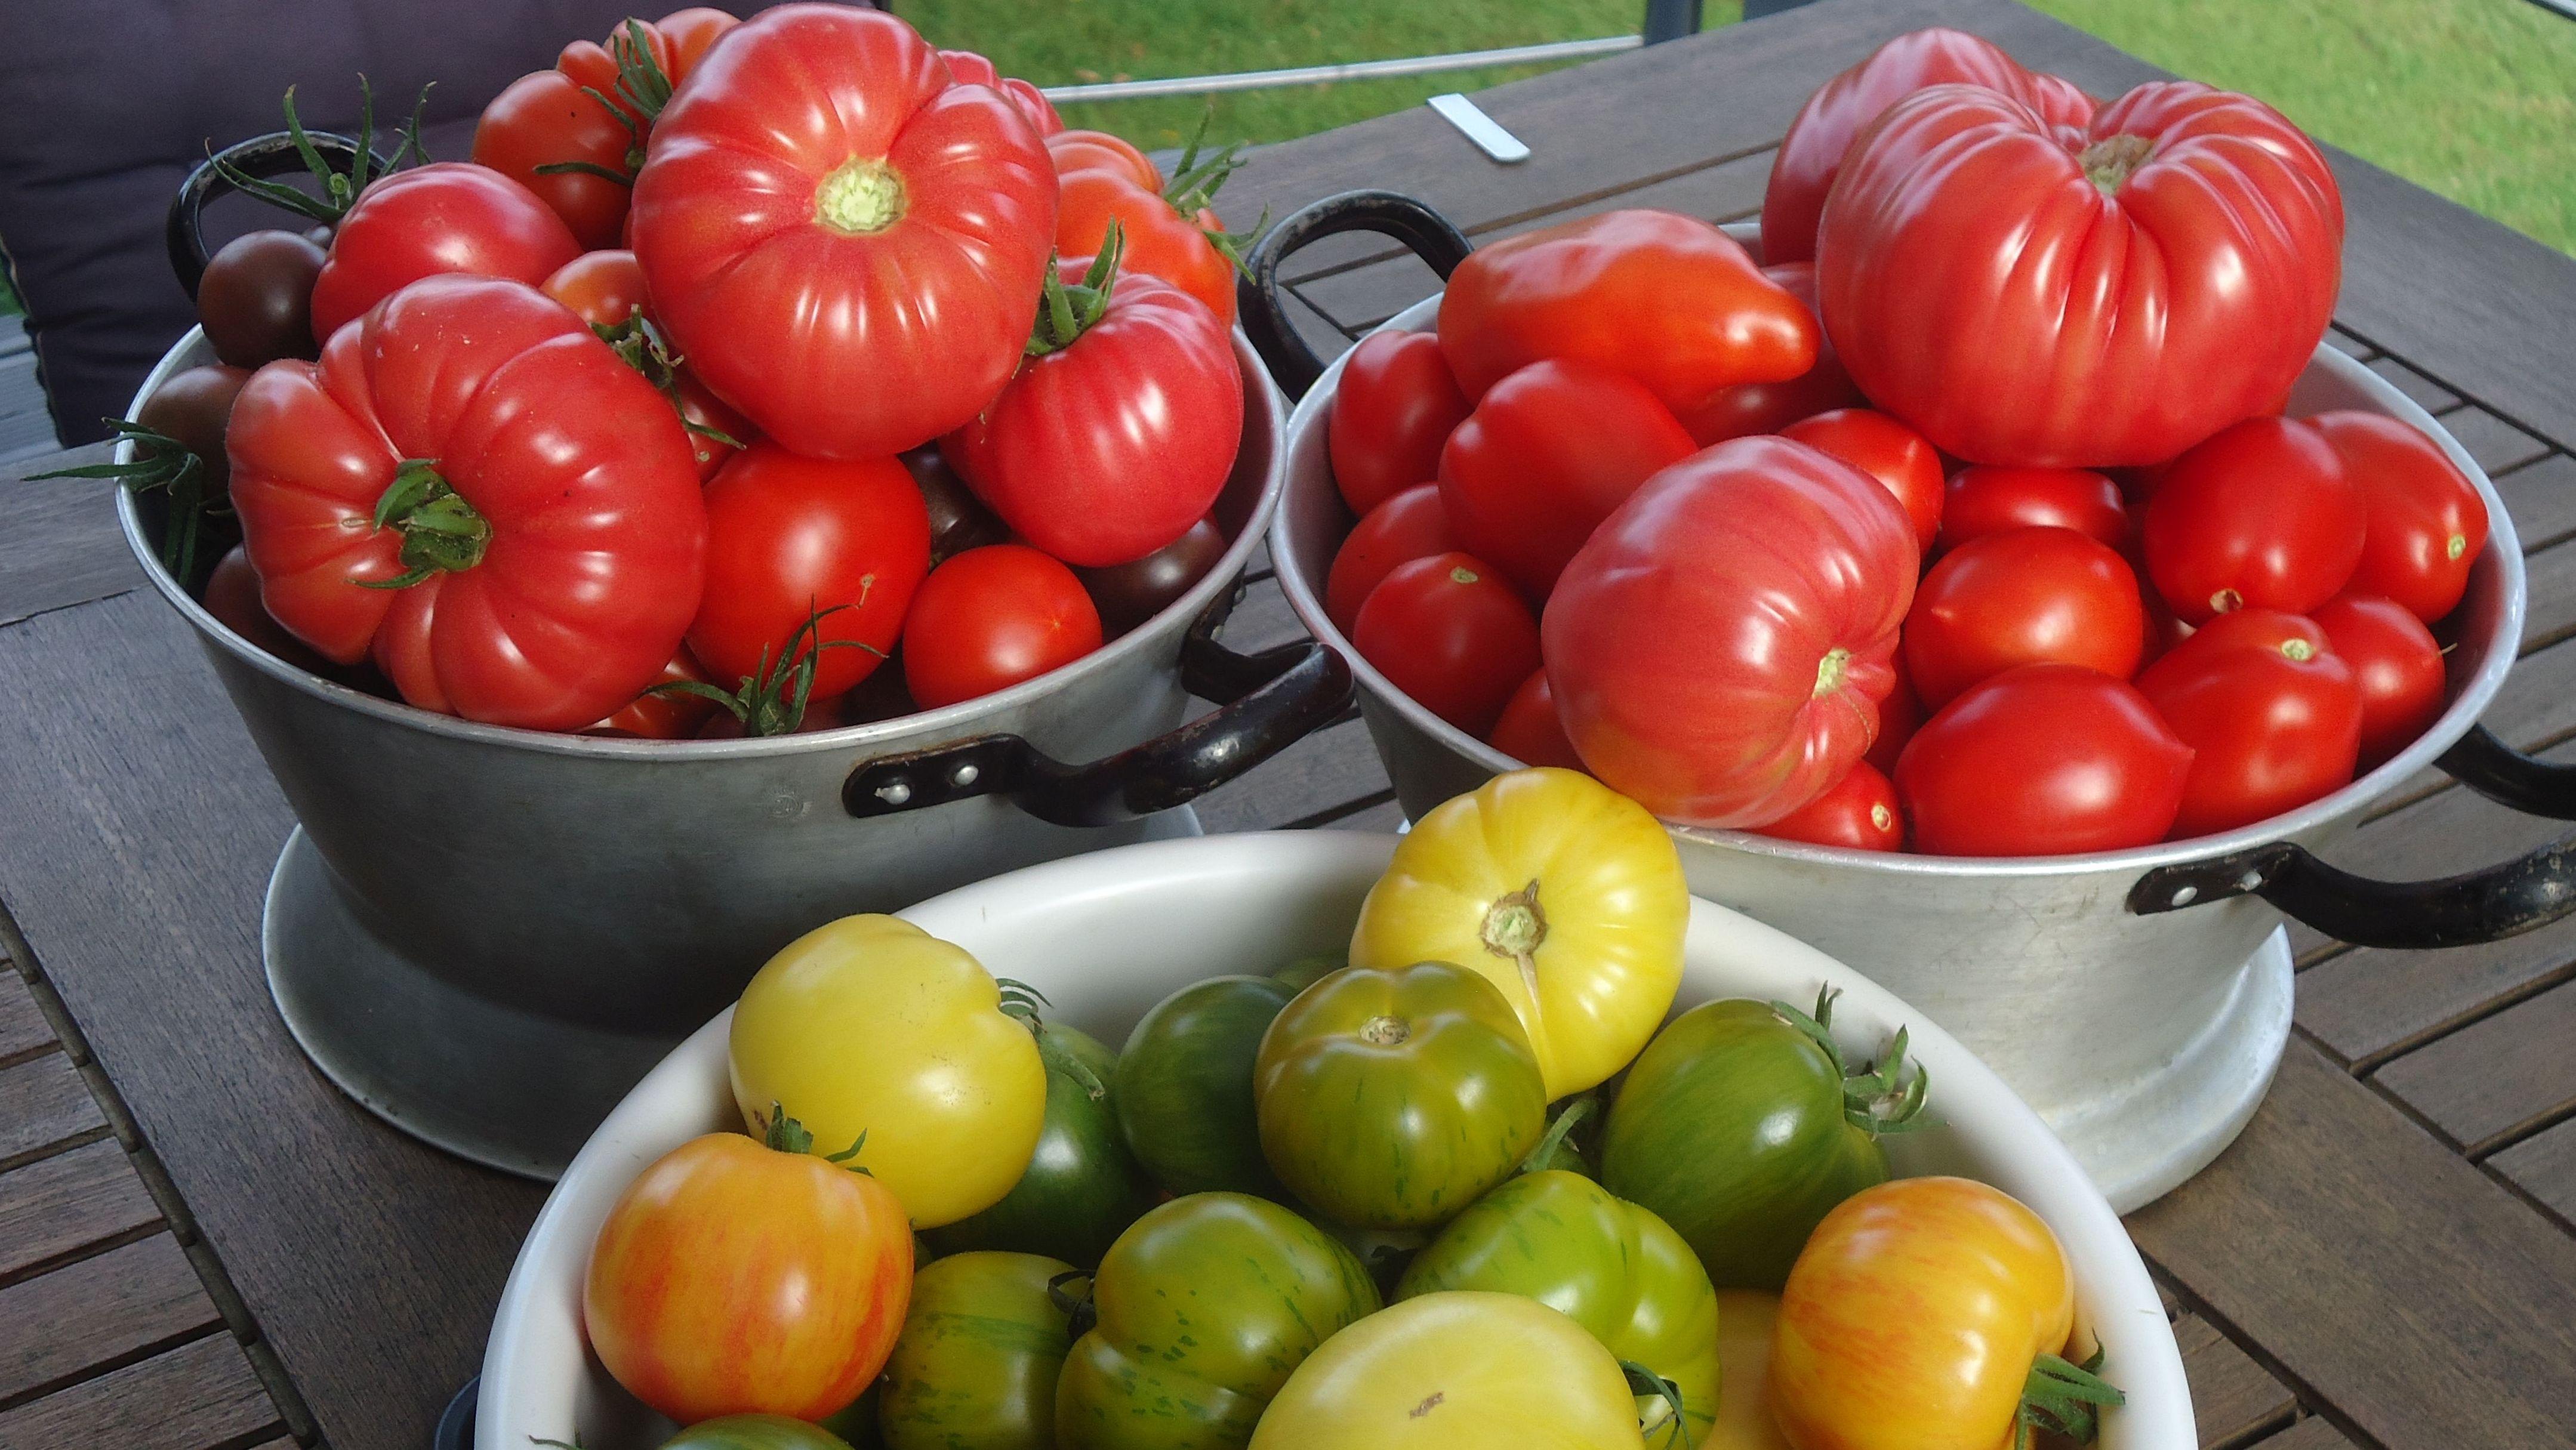 Gemüse aus dem Garten von Gabriela Schimmer-Göresz.